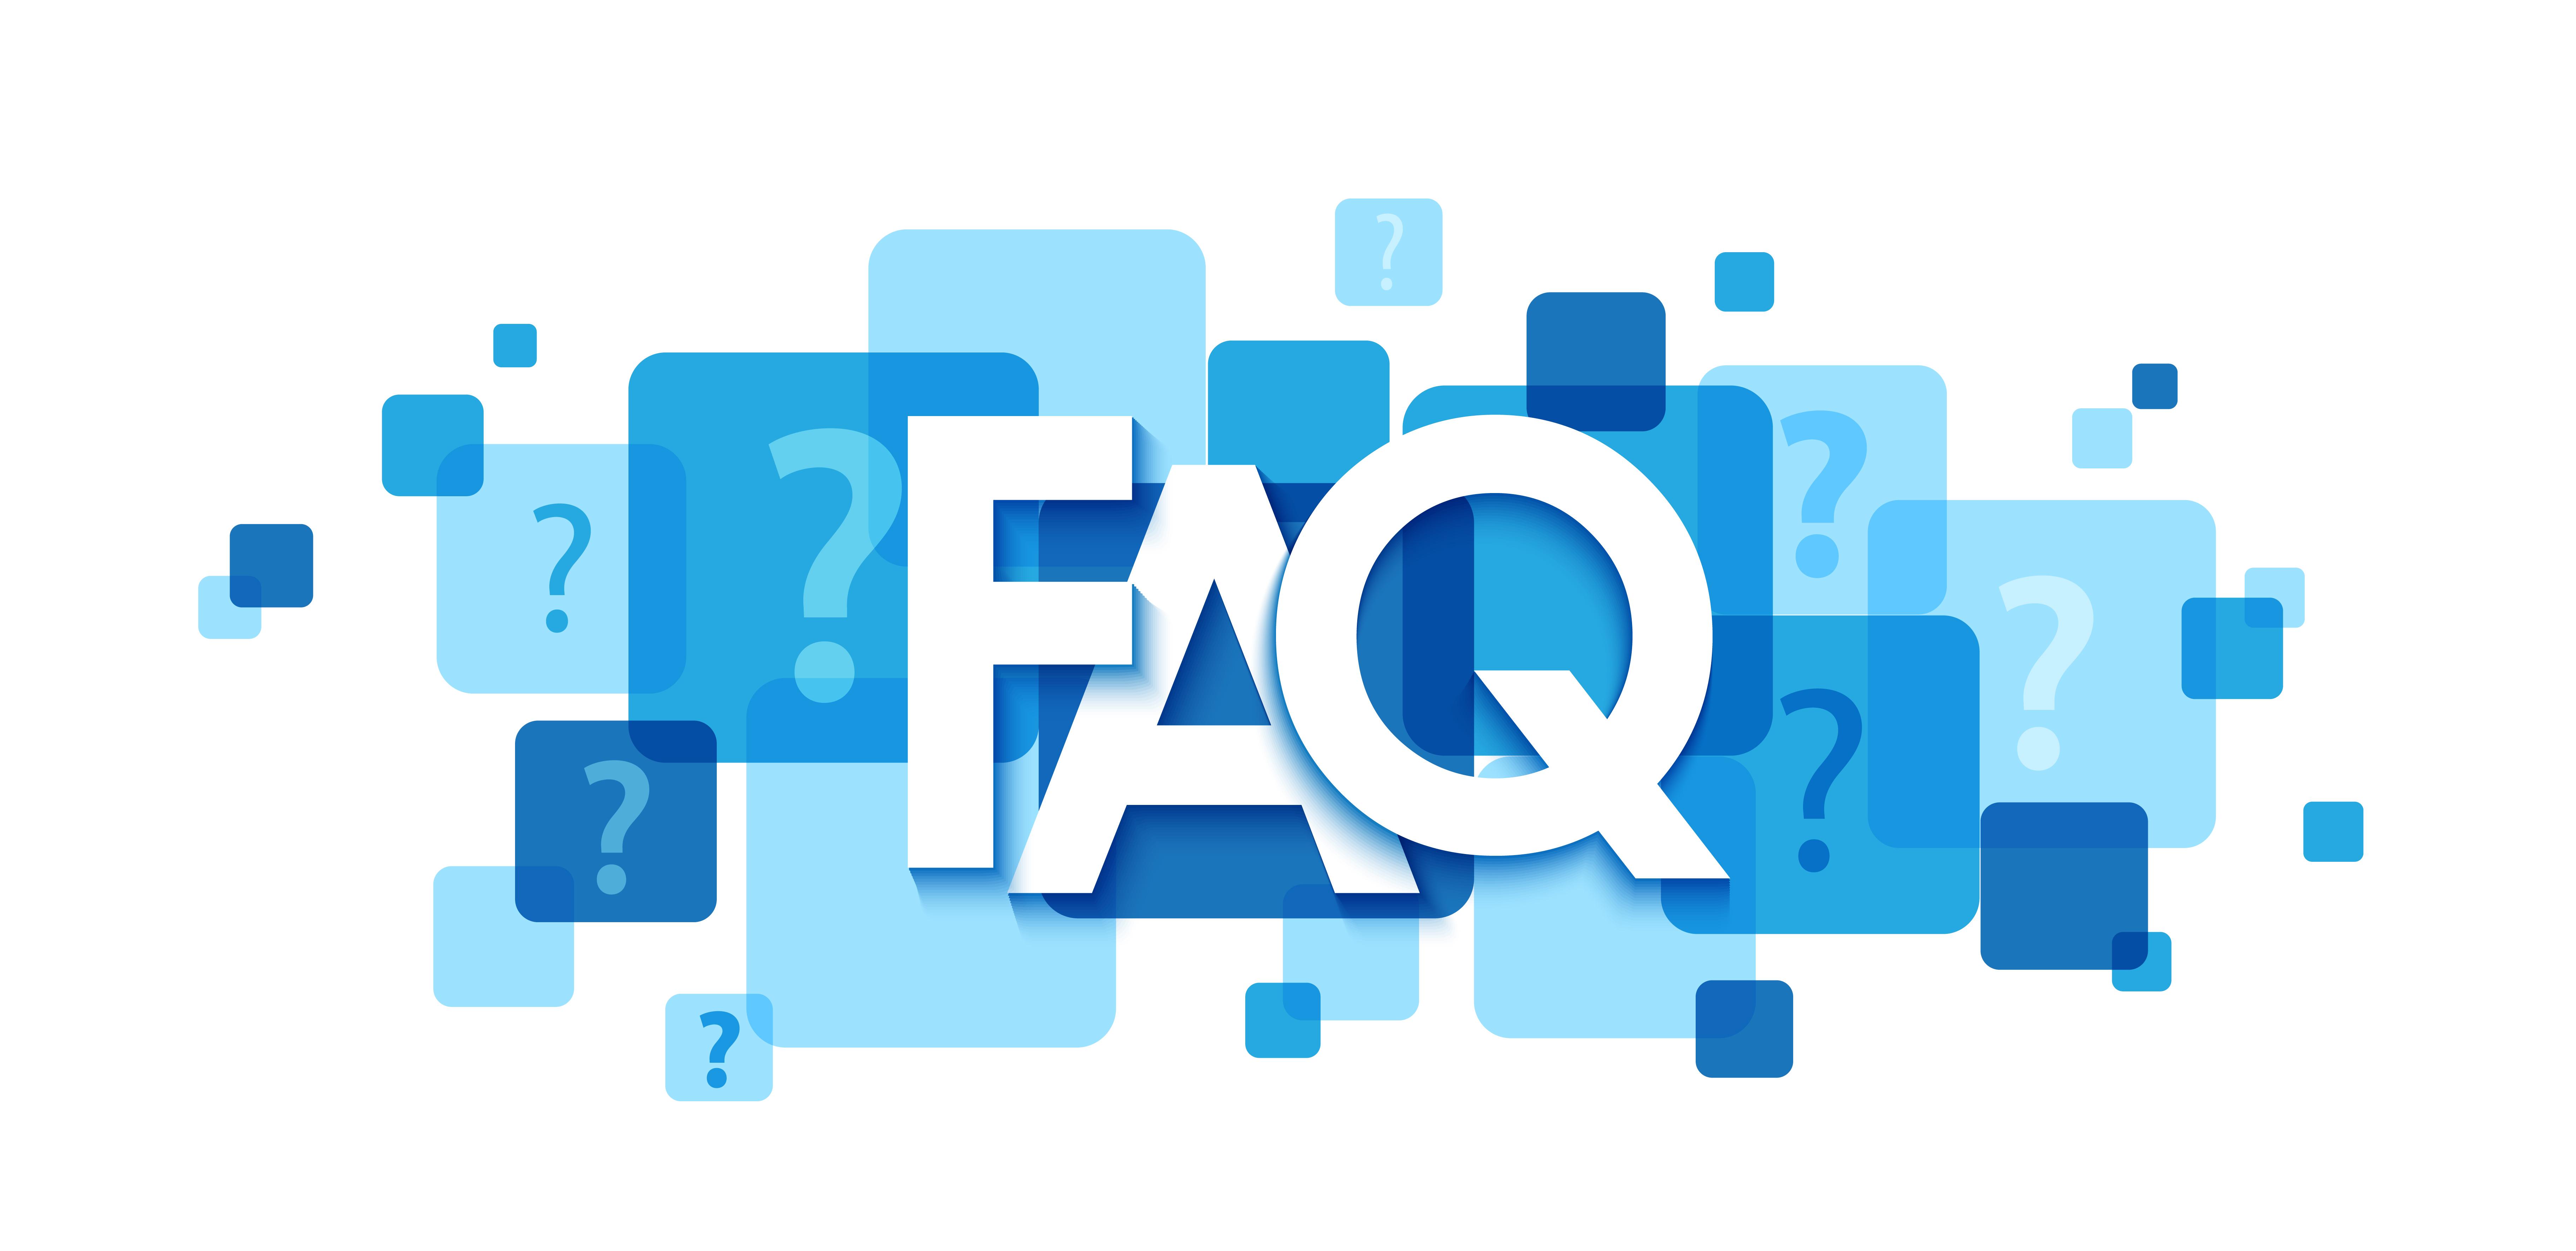 FAQ PNG Images Transparent Free Download | PNGMart.com